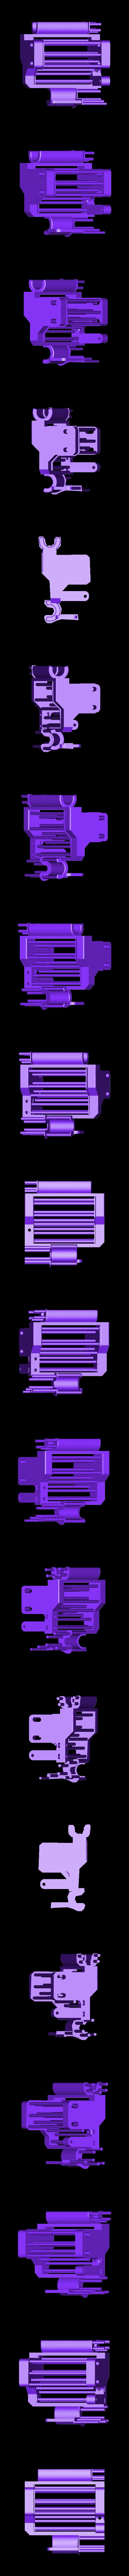 carriage_with_support.stl Télécharger fichier STL gratuit DaVinci Pro Dual E3D V6 Bowden Extrudeuse Pro Dual E3D • Objet pour imprimante 3D, indigo4